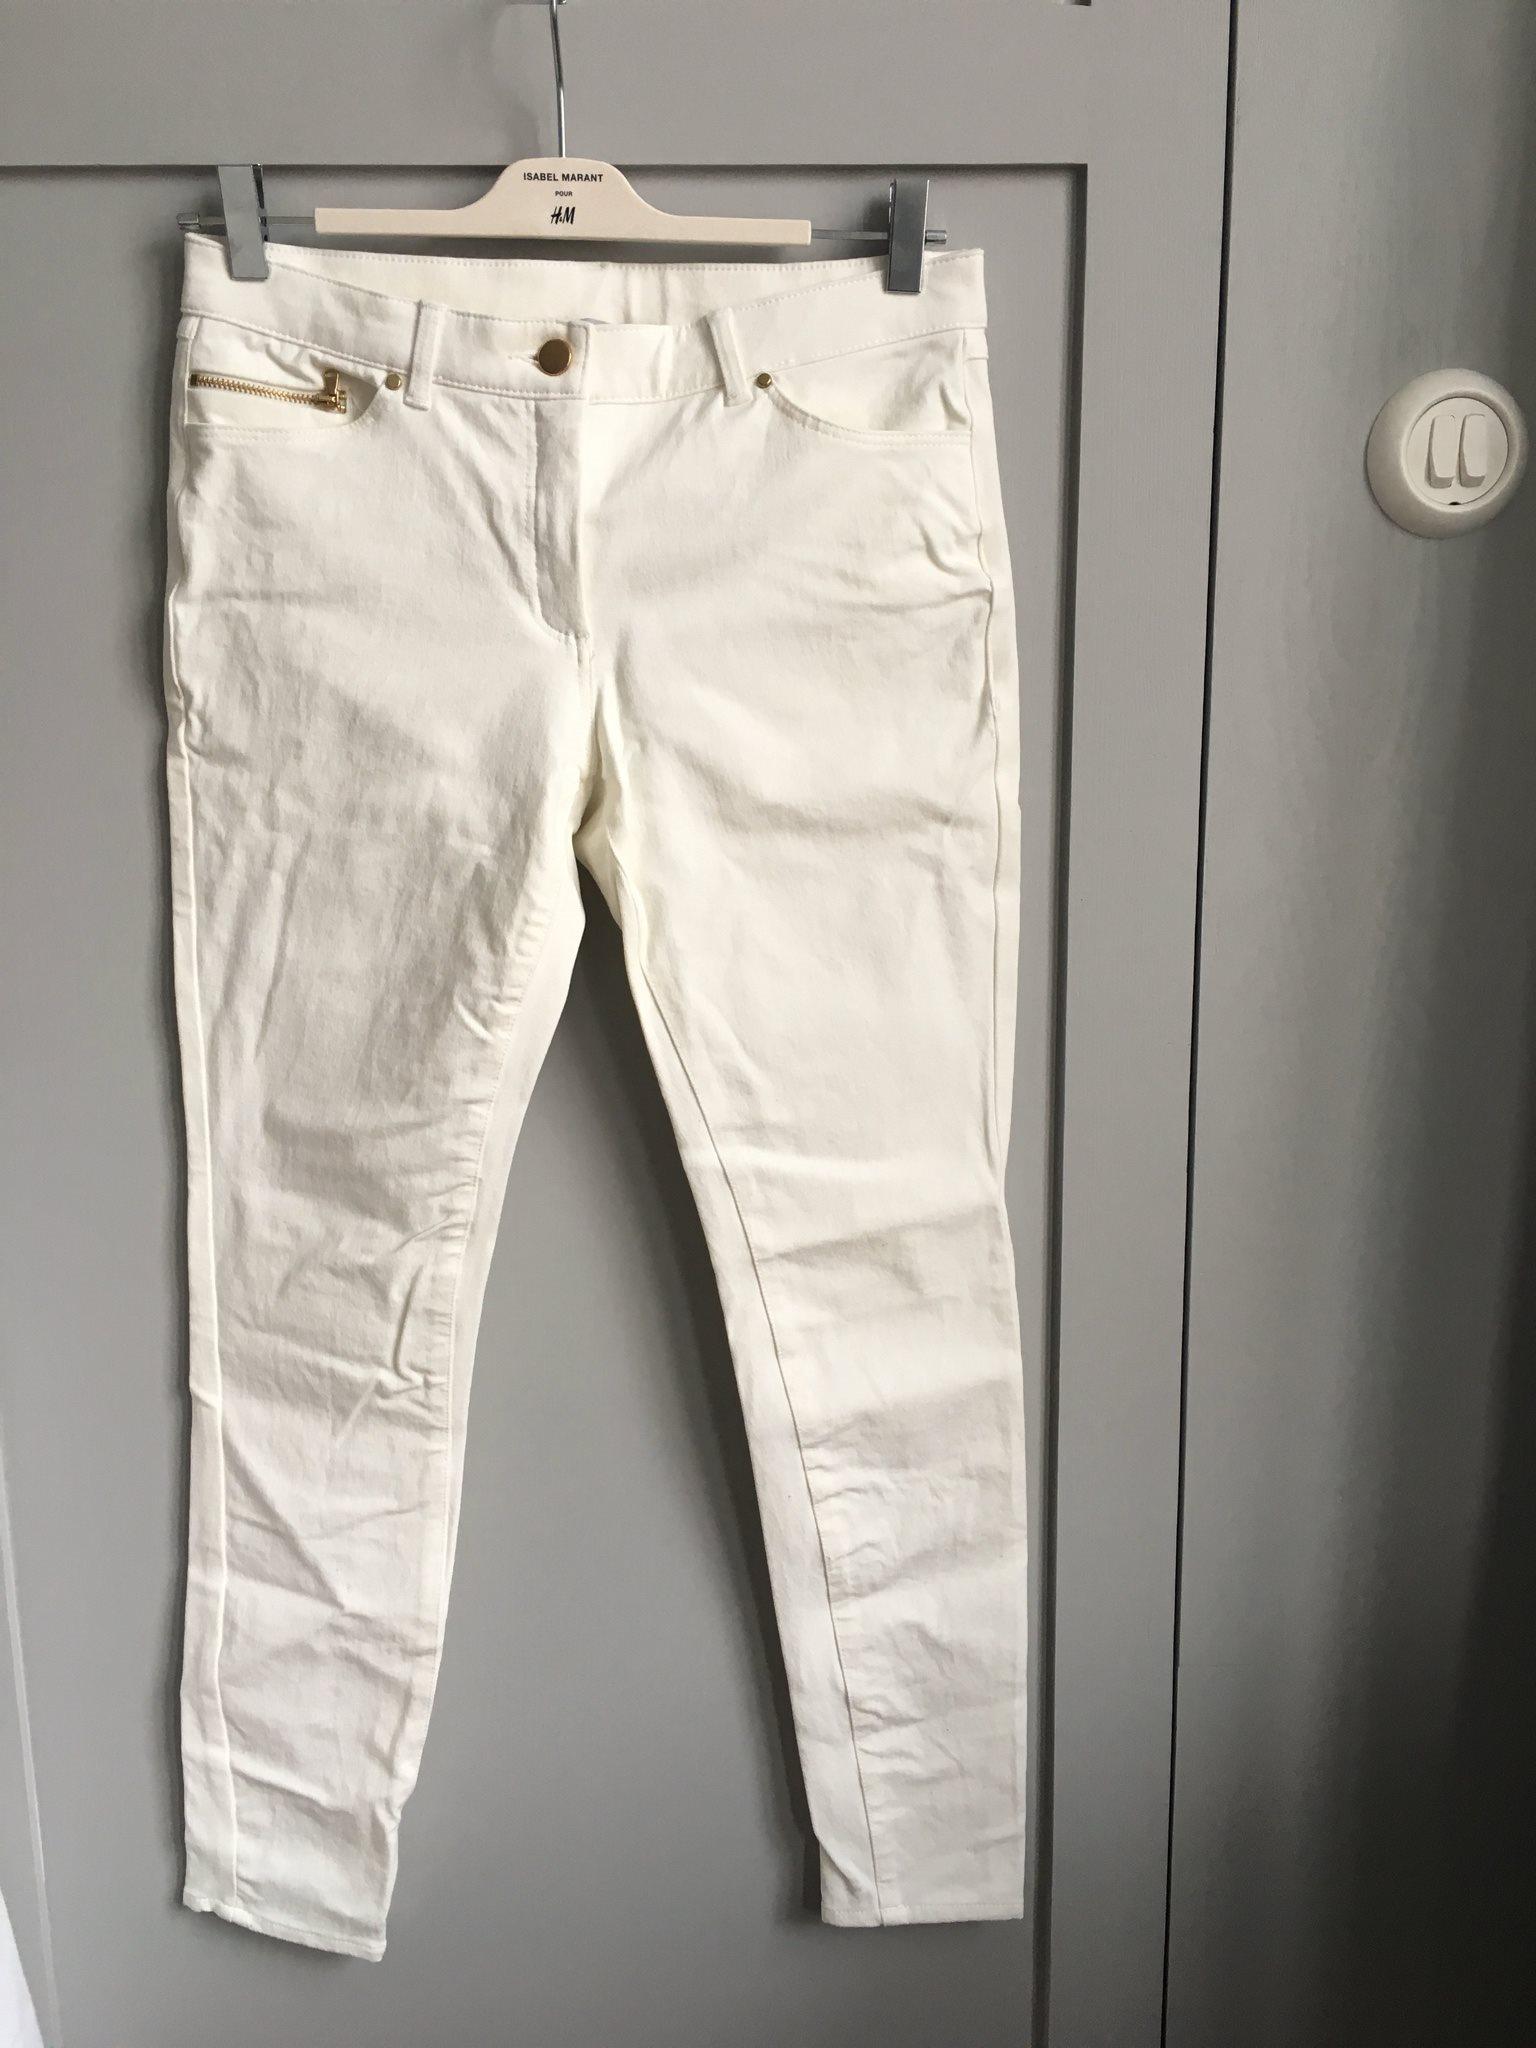 jeans hög midja vida ben